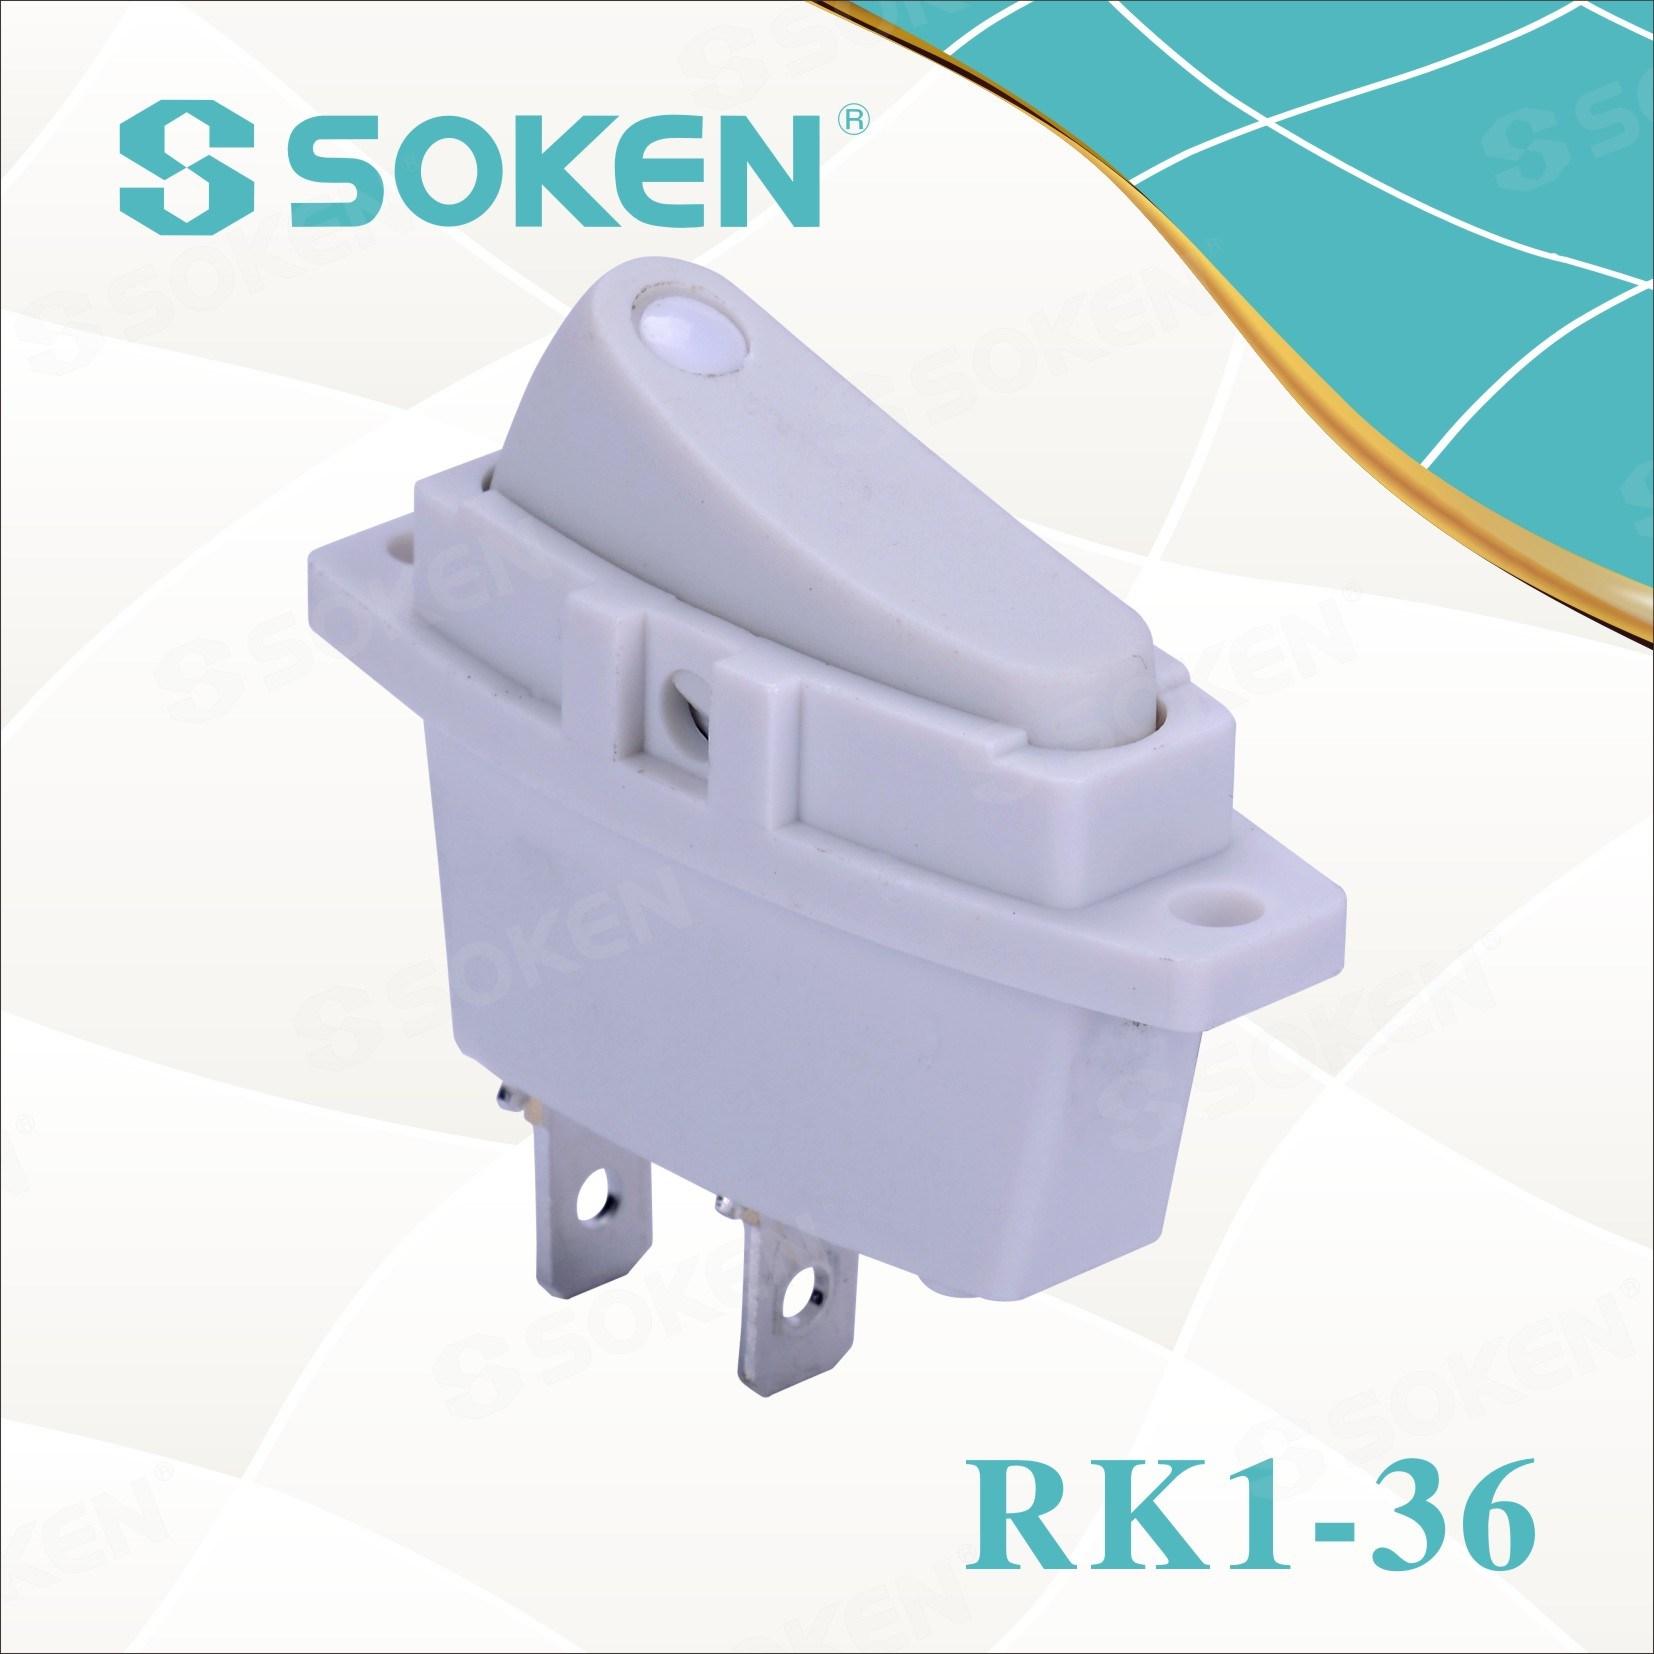 Soken Rk1-36 1x1 на исклучување преклопникот